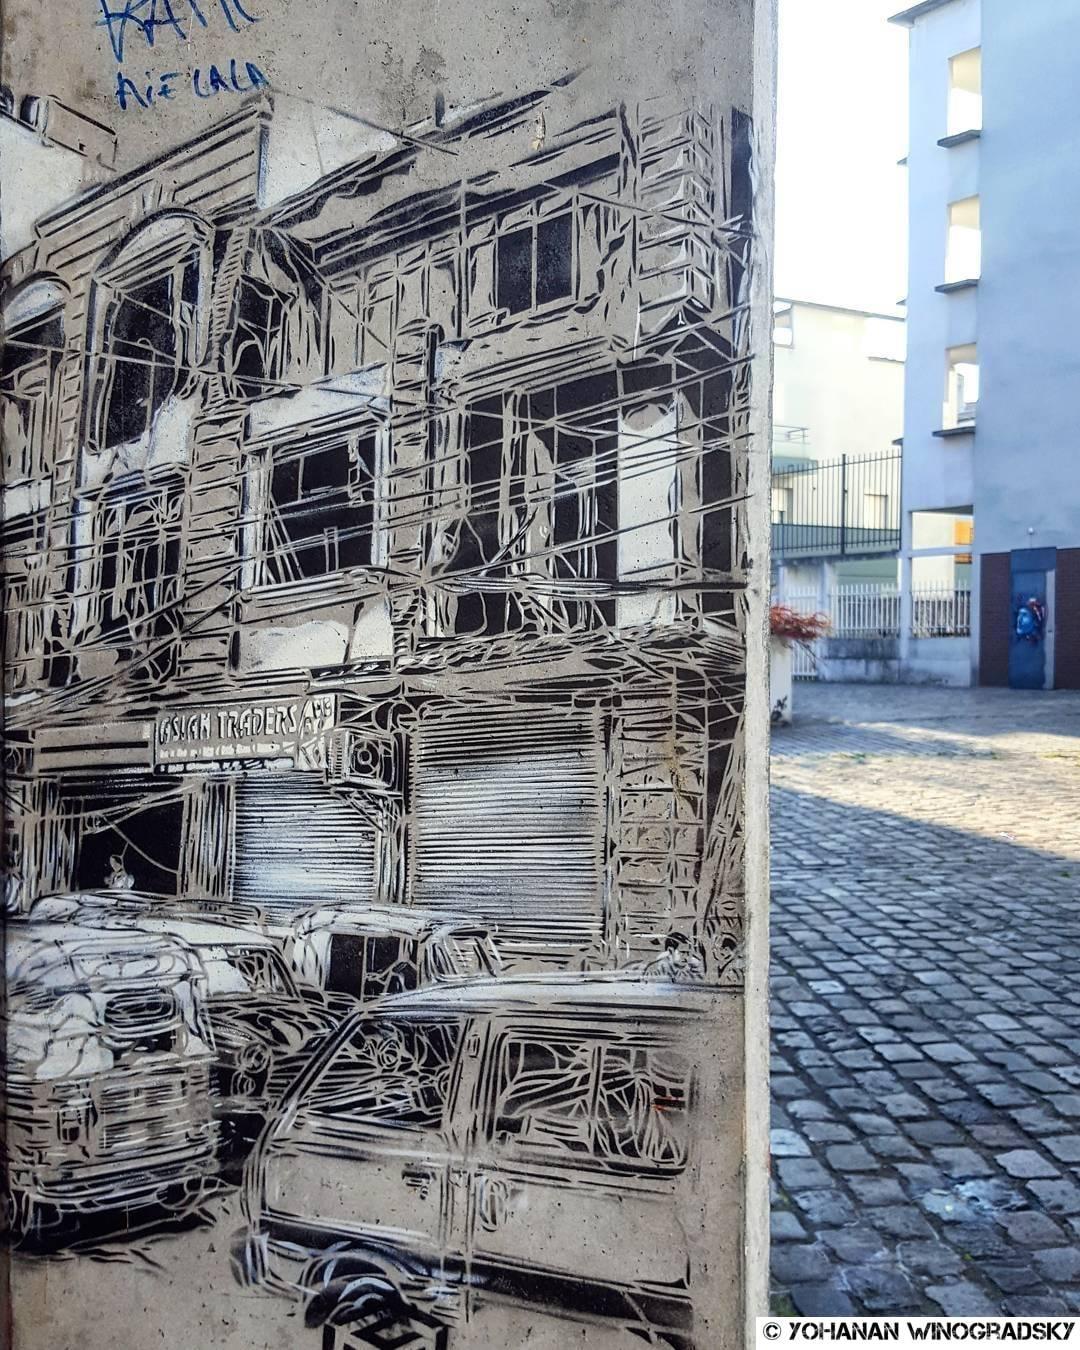 place par c215 street art à vitry sur seine